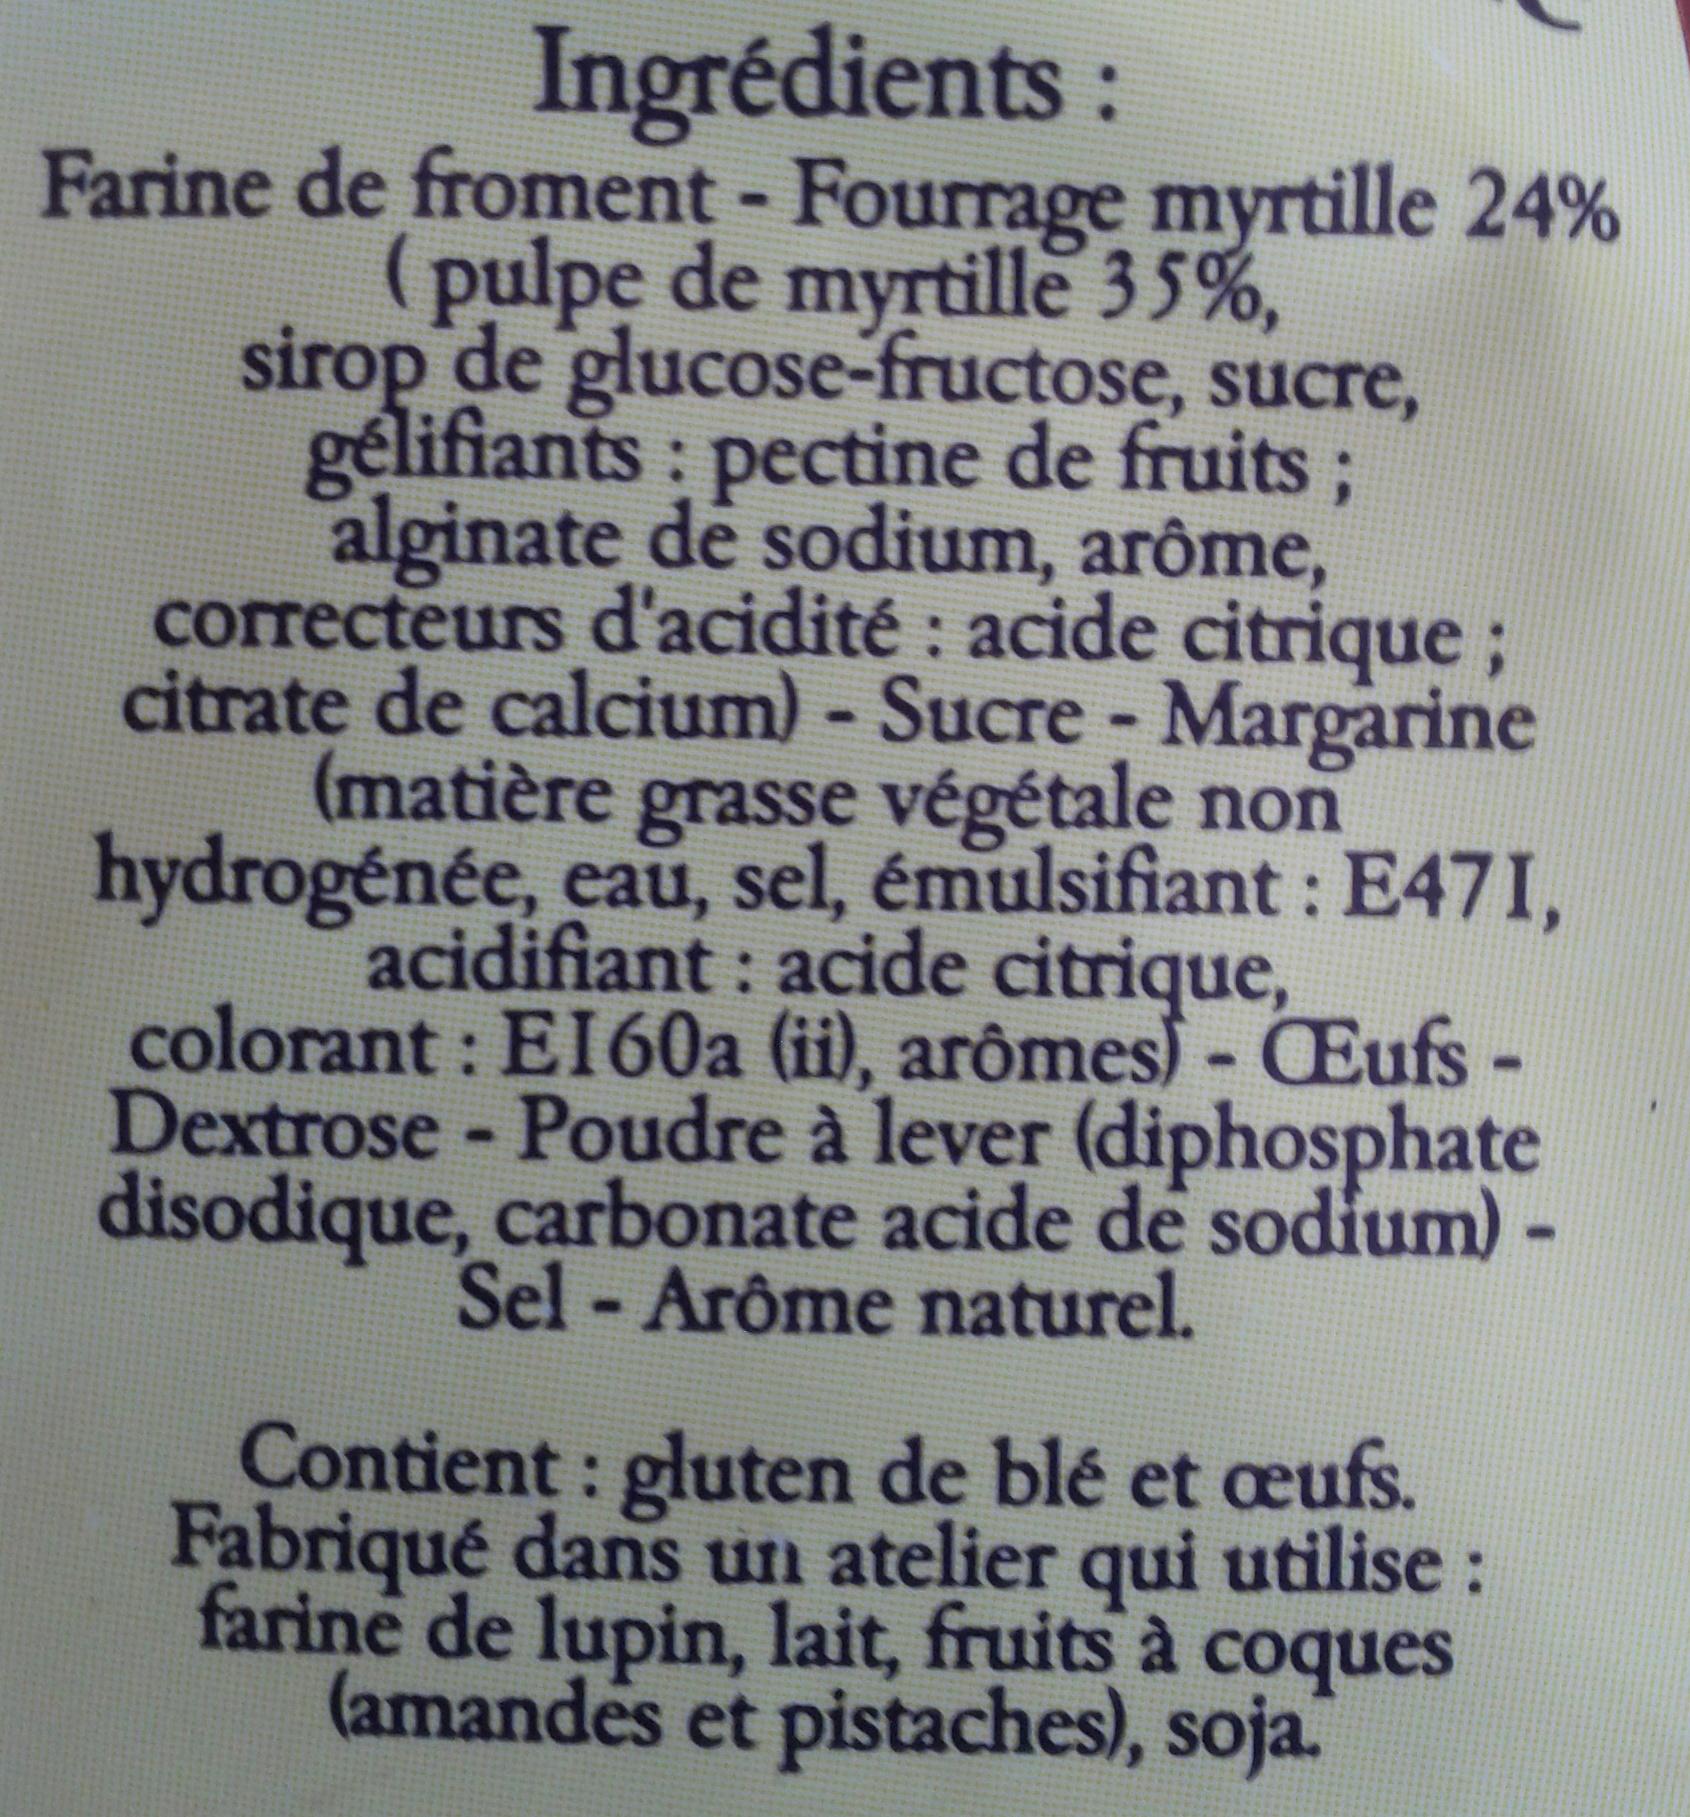 La galette charentaise fourr e mytrille beurlay 300g - Acide citrique leclerc ...